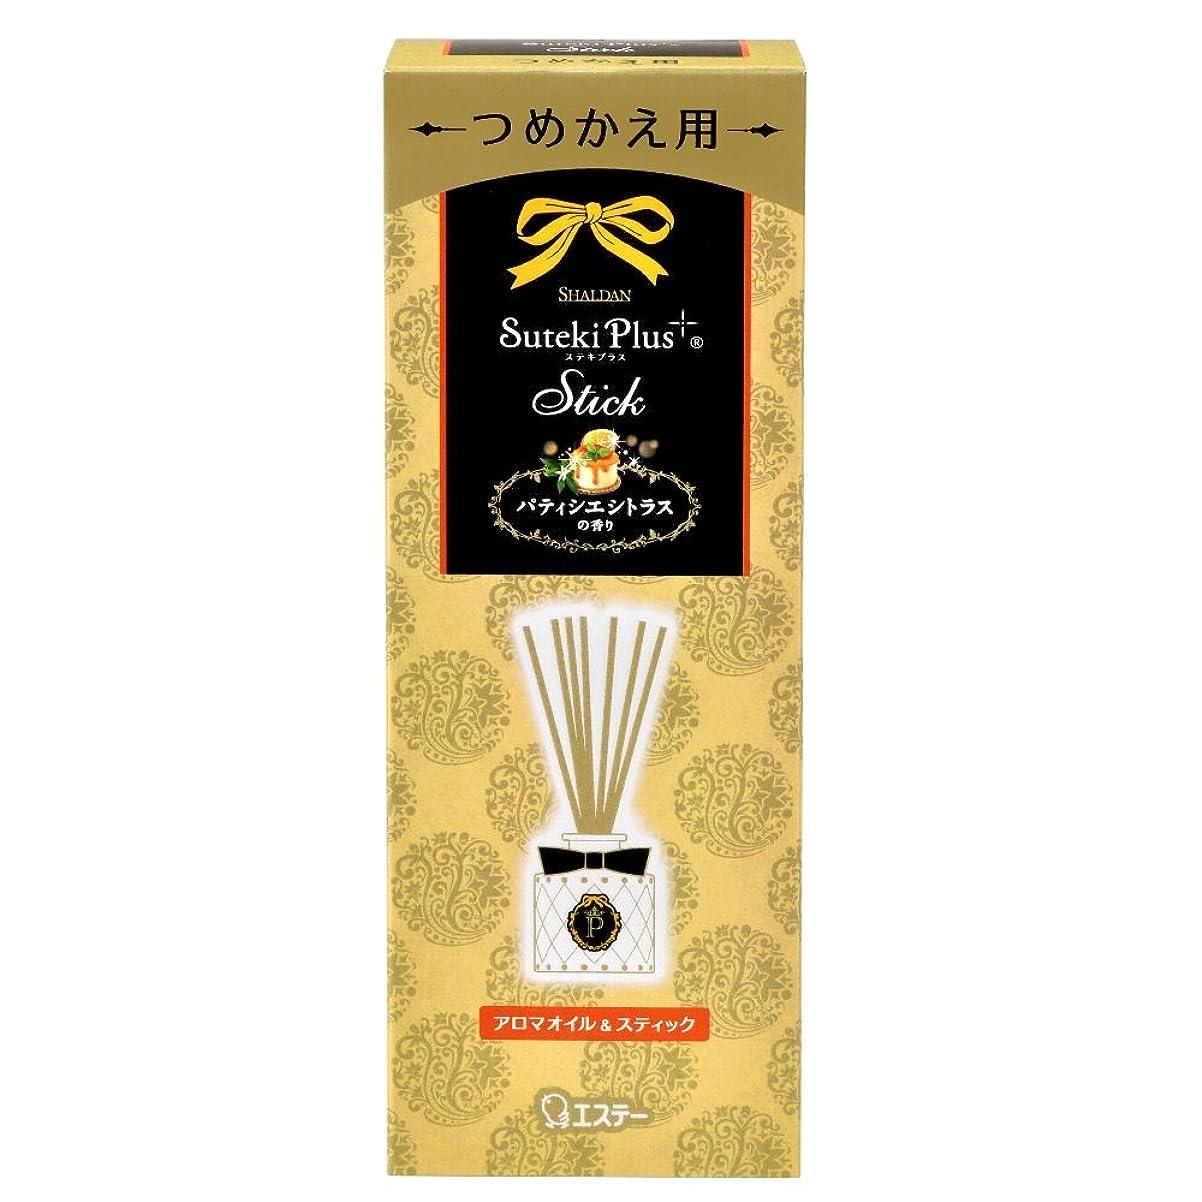 カートンスピン羽シャルダン ステキプラス スティック 消臭芳香剤 部屋用 つめかえ パティシエシトラスの香り 45ml